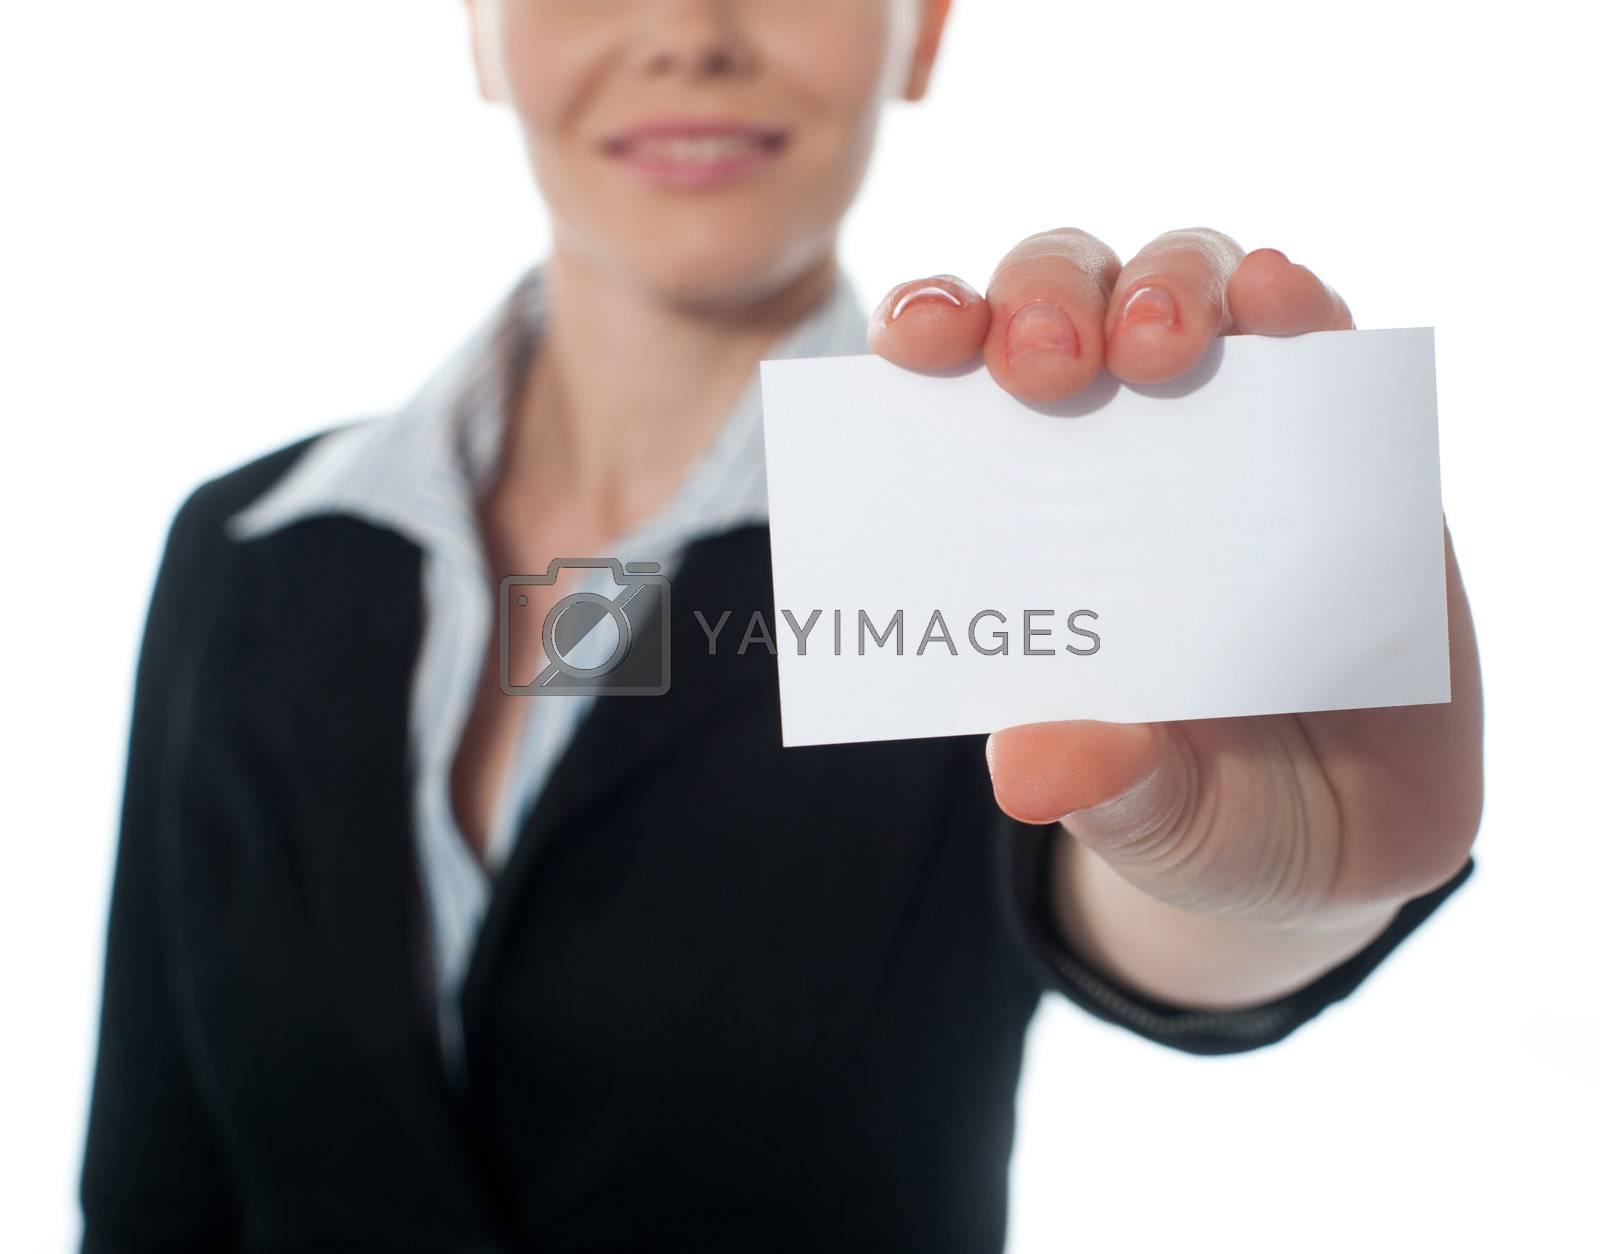 Woman showing businesscard, closeup shot